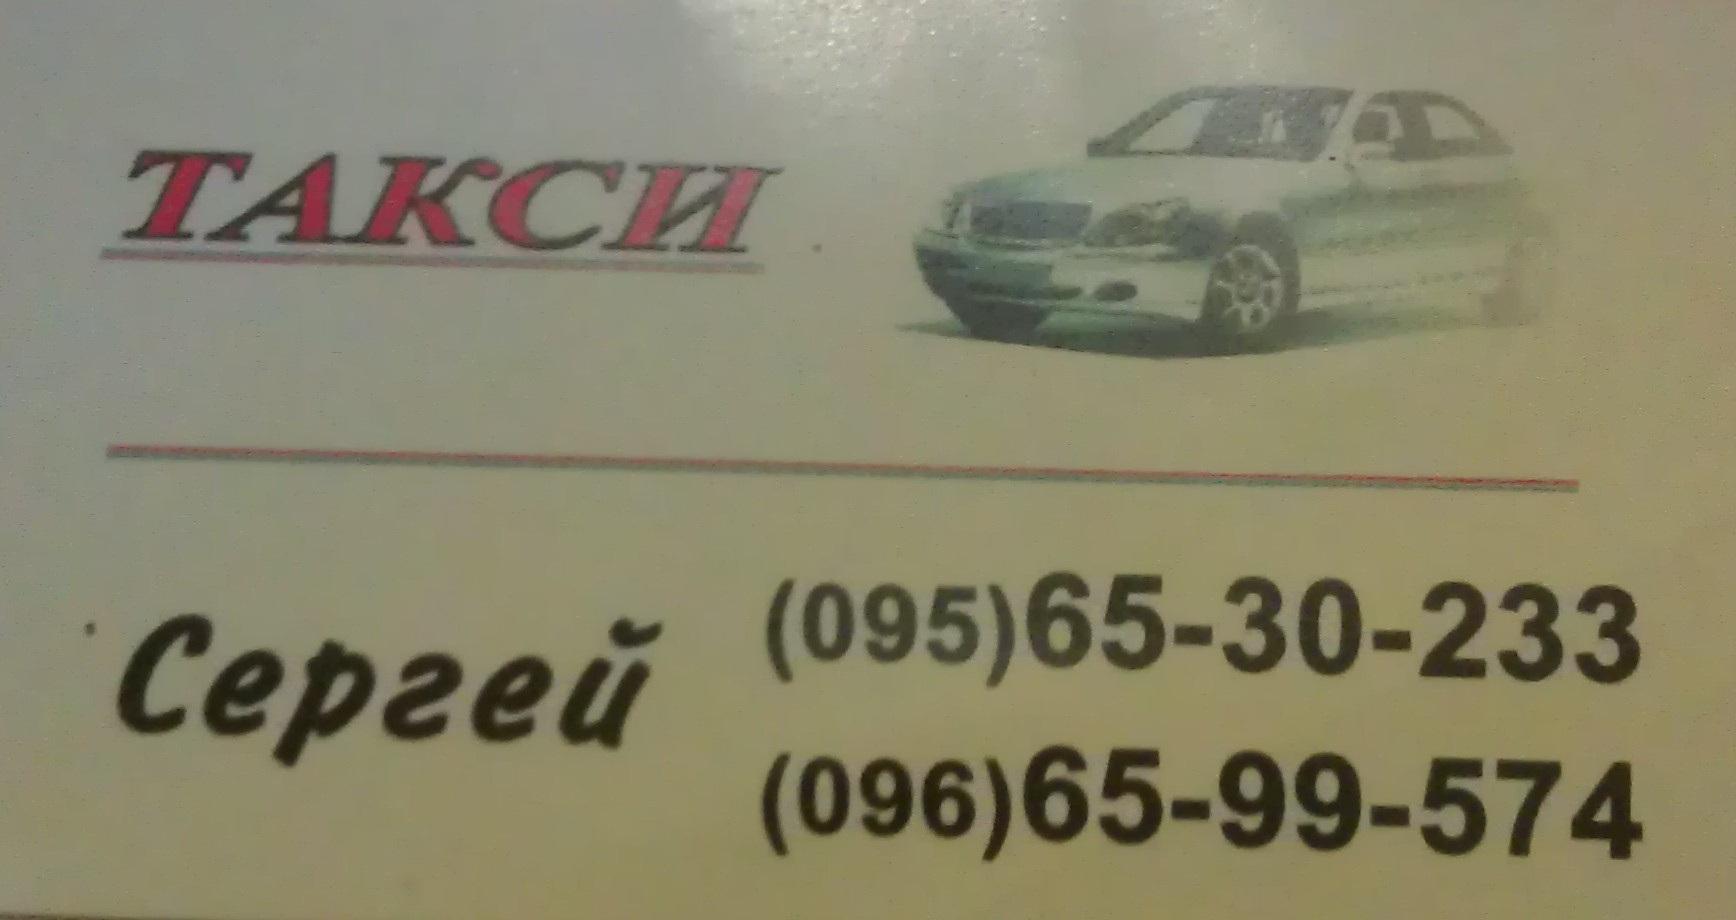 Таксист и отельер Сергей (Оленевка)